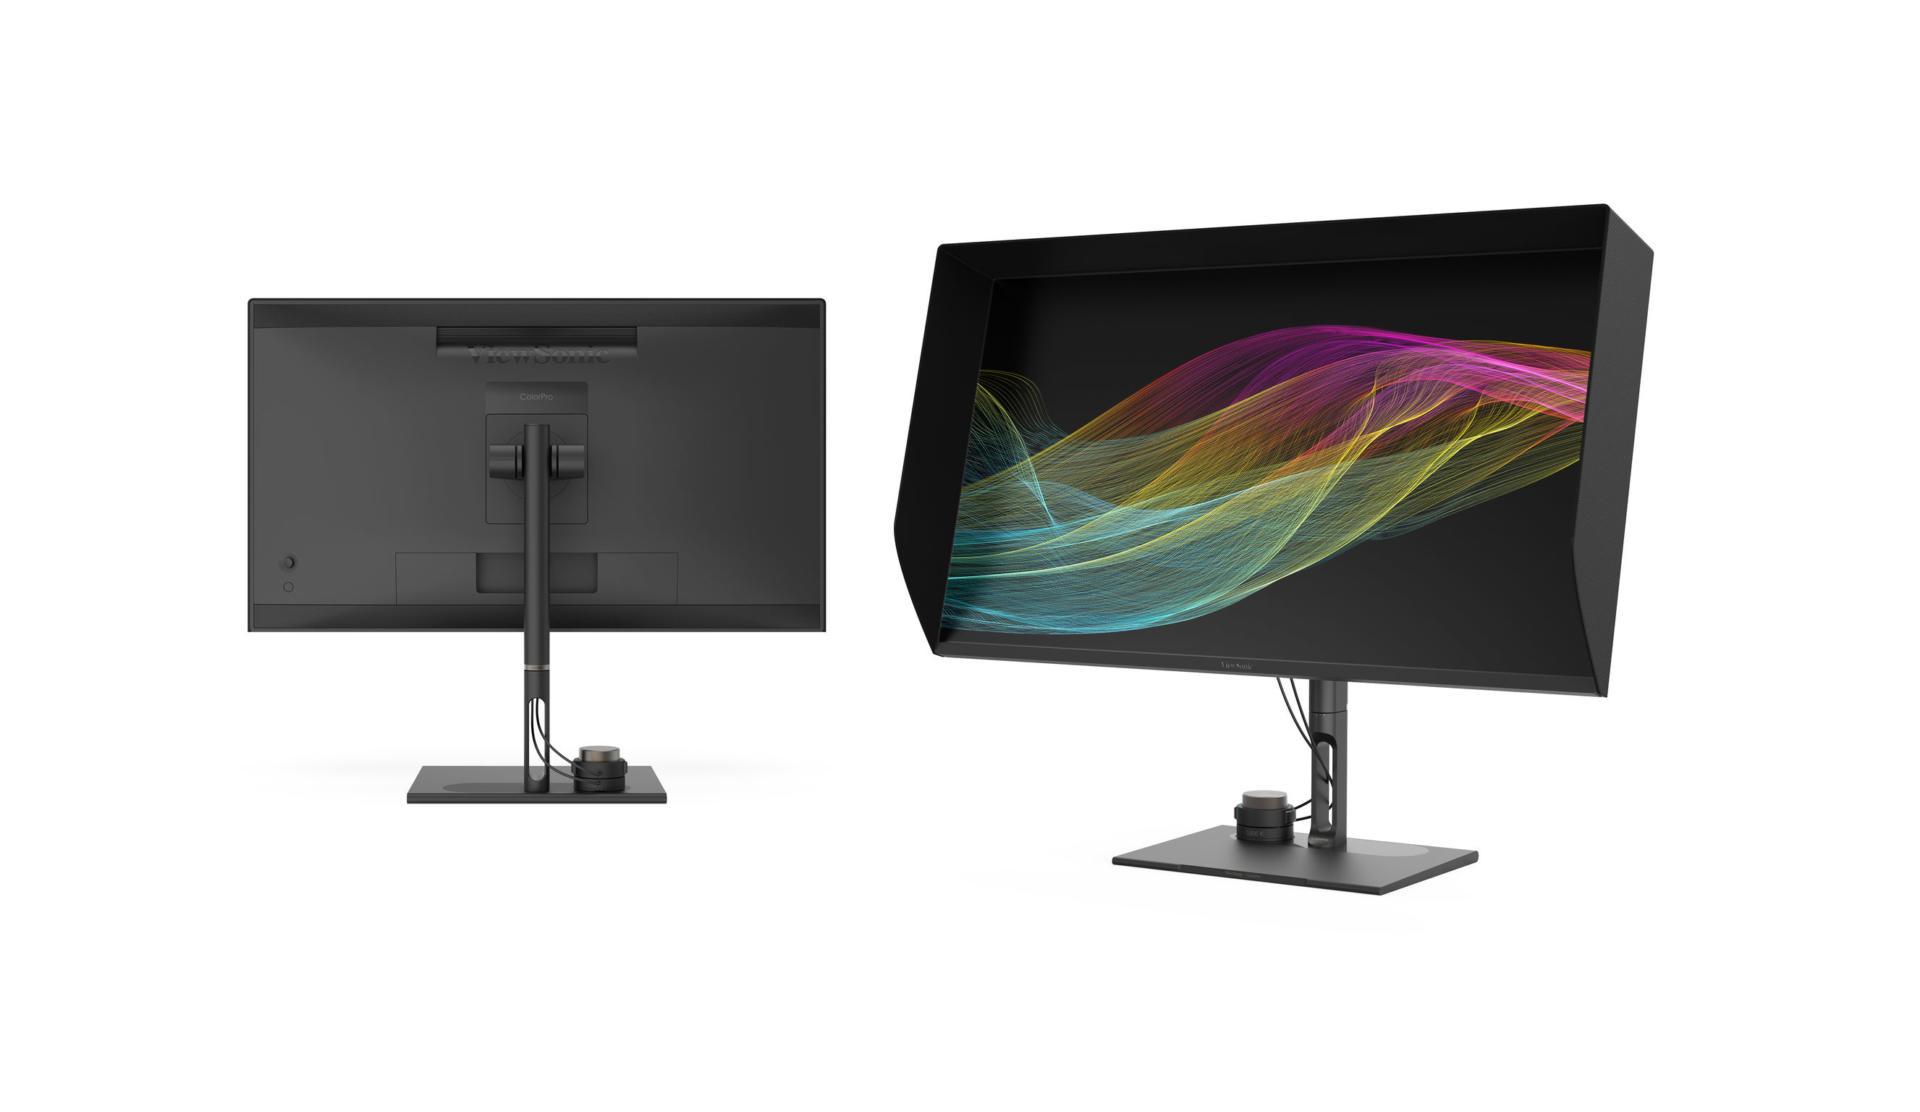 ViewSonic giành giải thưởng thiết kế iF 2021 cho màn hình ColorPro